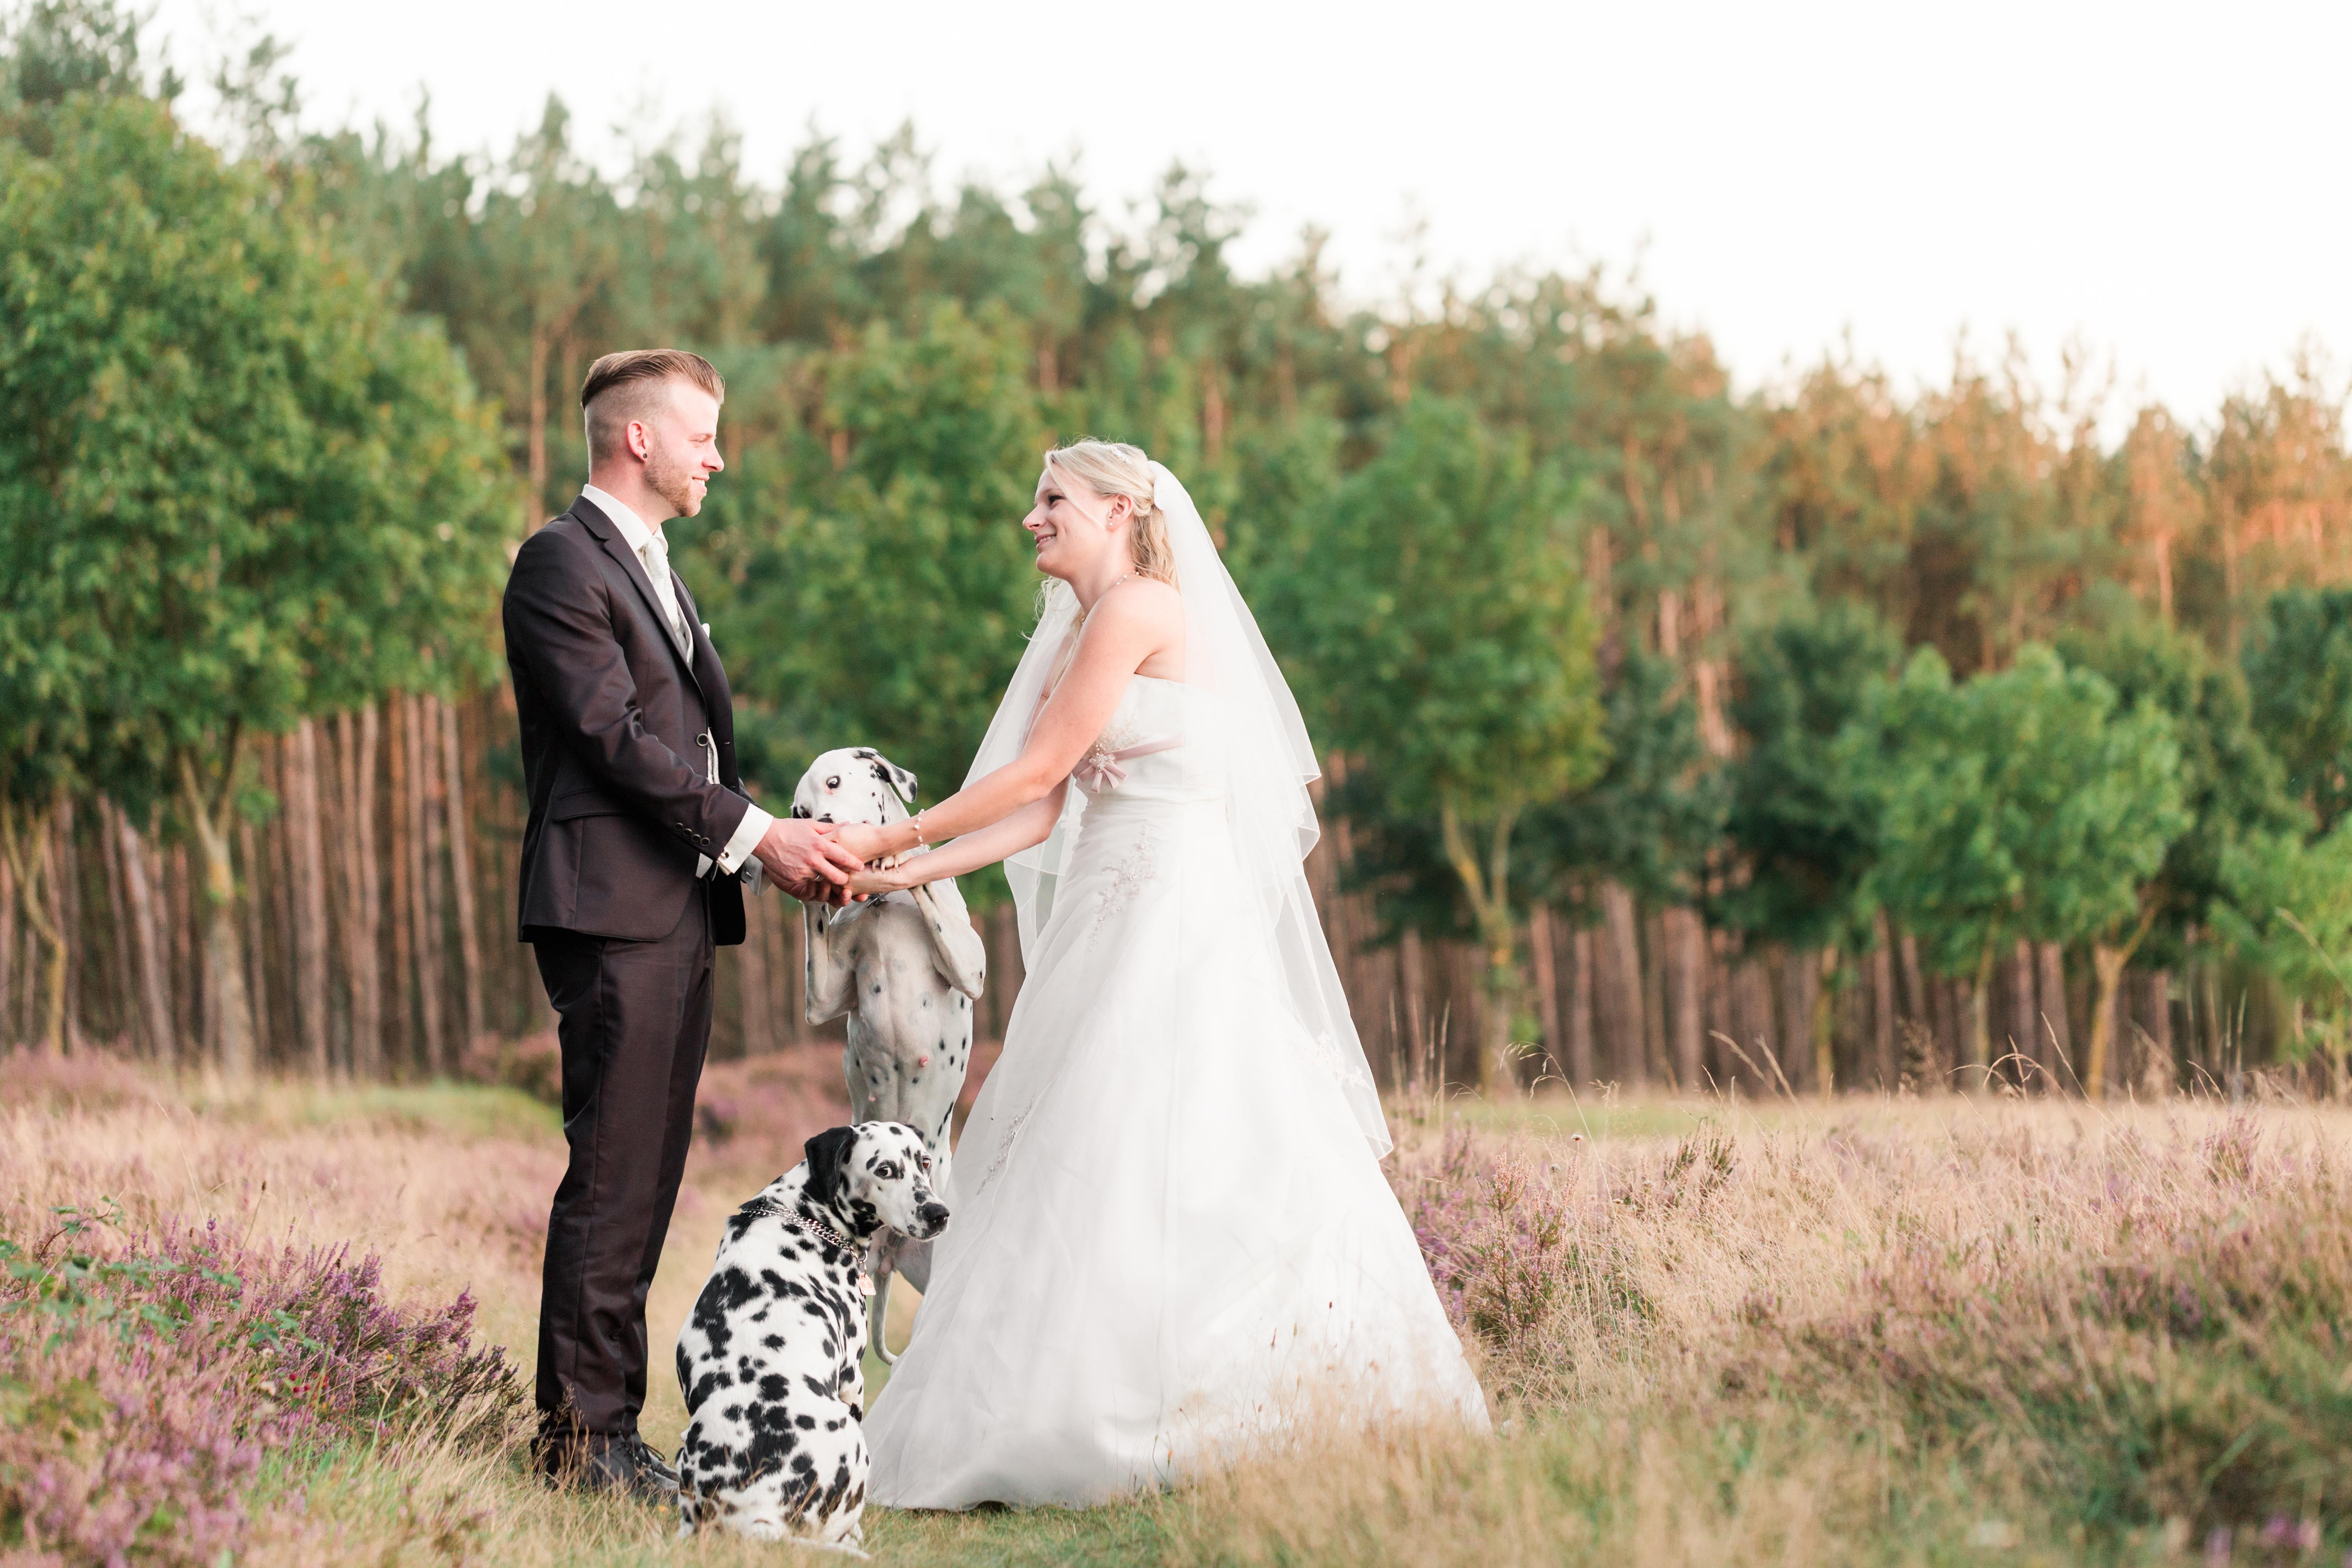 Hochzeitsfotograf-Hochzeit-After-Wedding-Paderborn-Hövelhof-Münchehagen